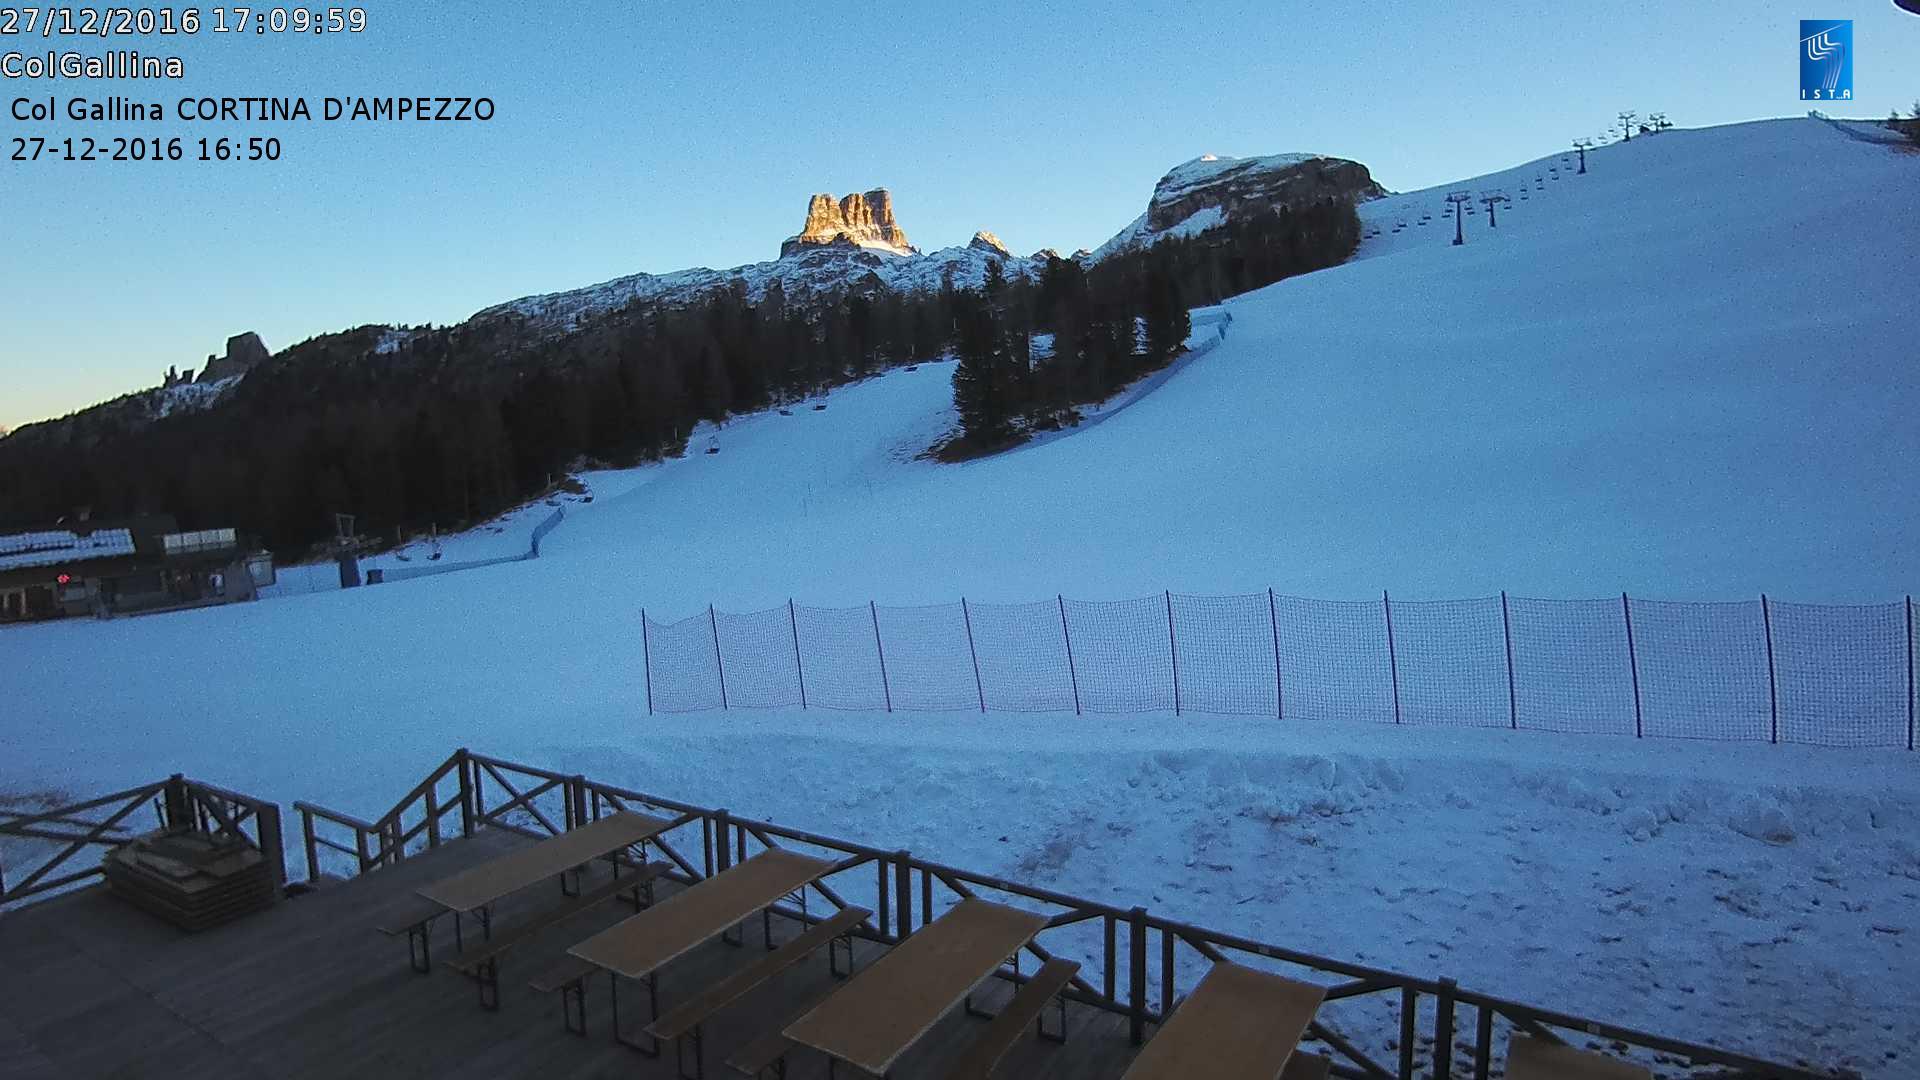 Veneto centro-settentrionale Inverno 2016-17-colgallina-27-12-16.jpg